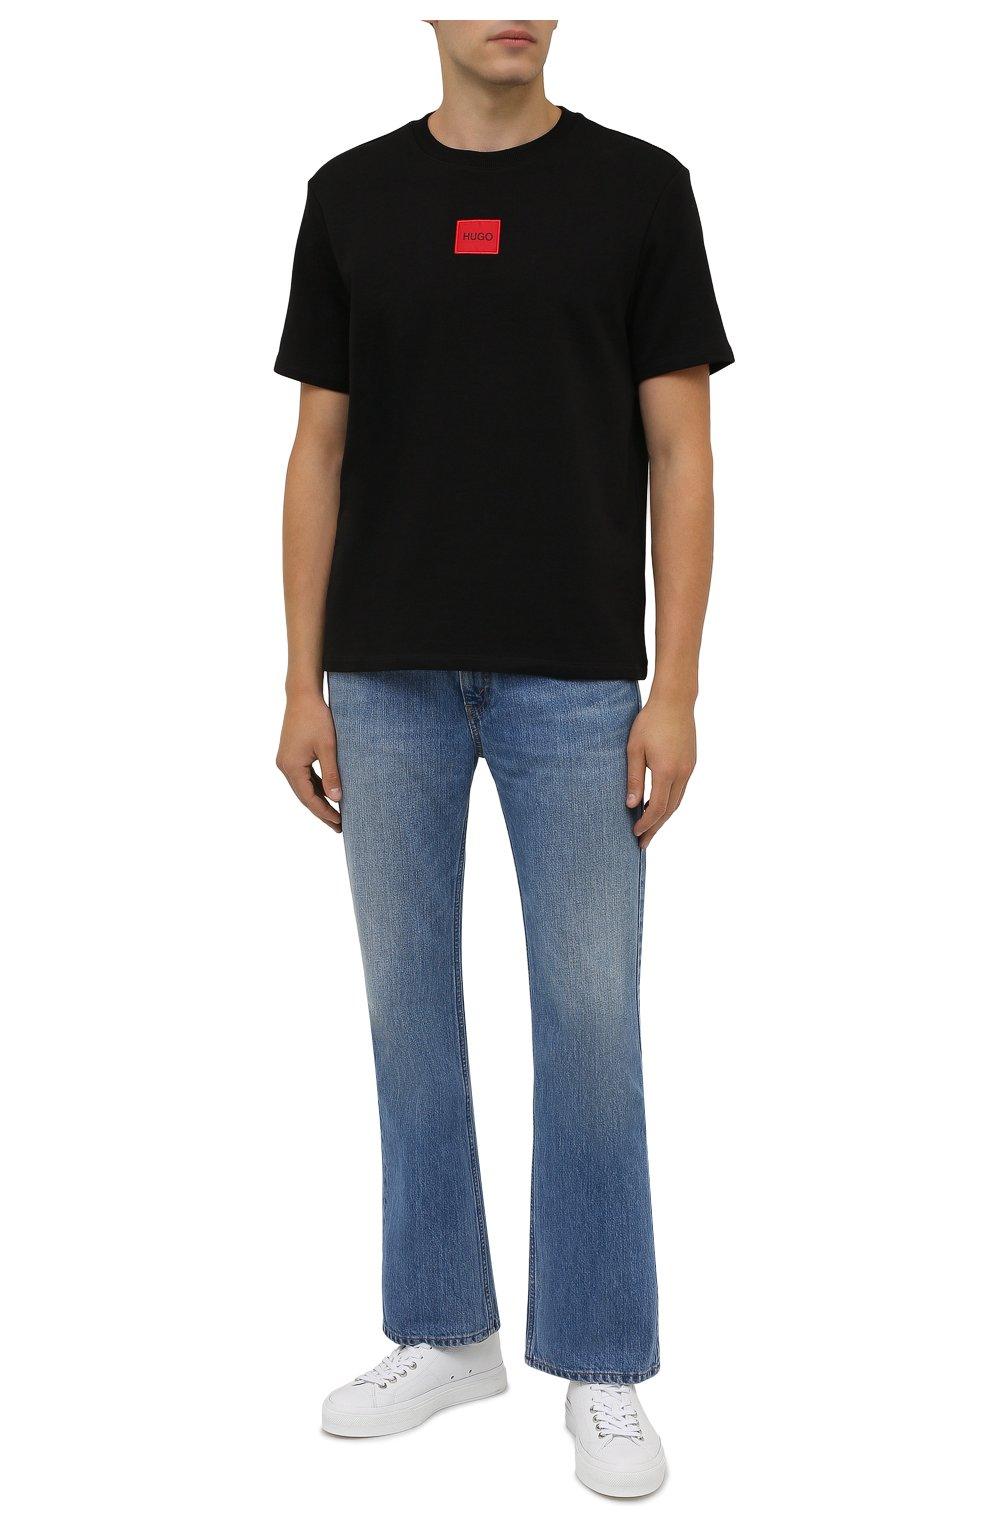 Мужская хлопковая футболка HUGO черного цвета, арт. 50458194 | Фото 2 (Принт: Без принта; Рукава: Короткие; Длина (для топов): Стандартные; Материал внешний: Хлопок; Стили: Кэжуэл)